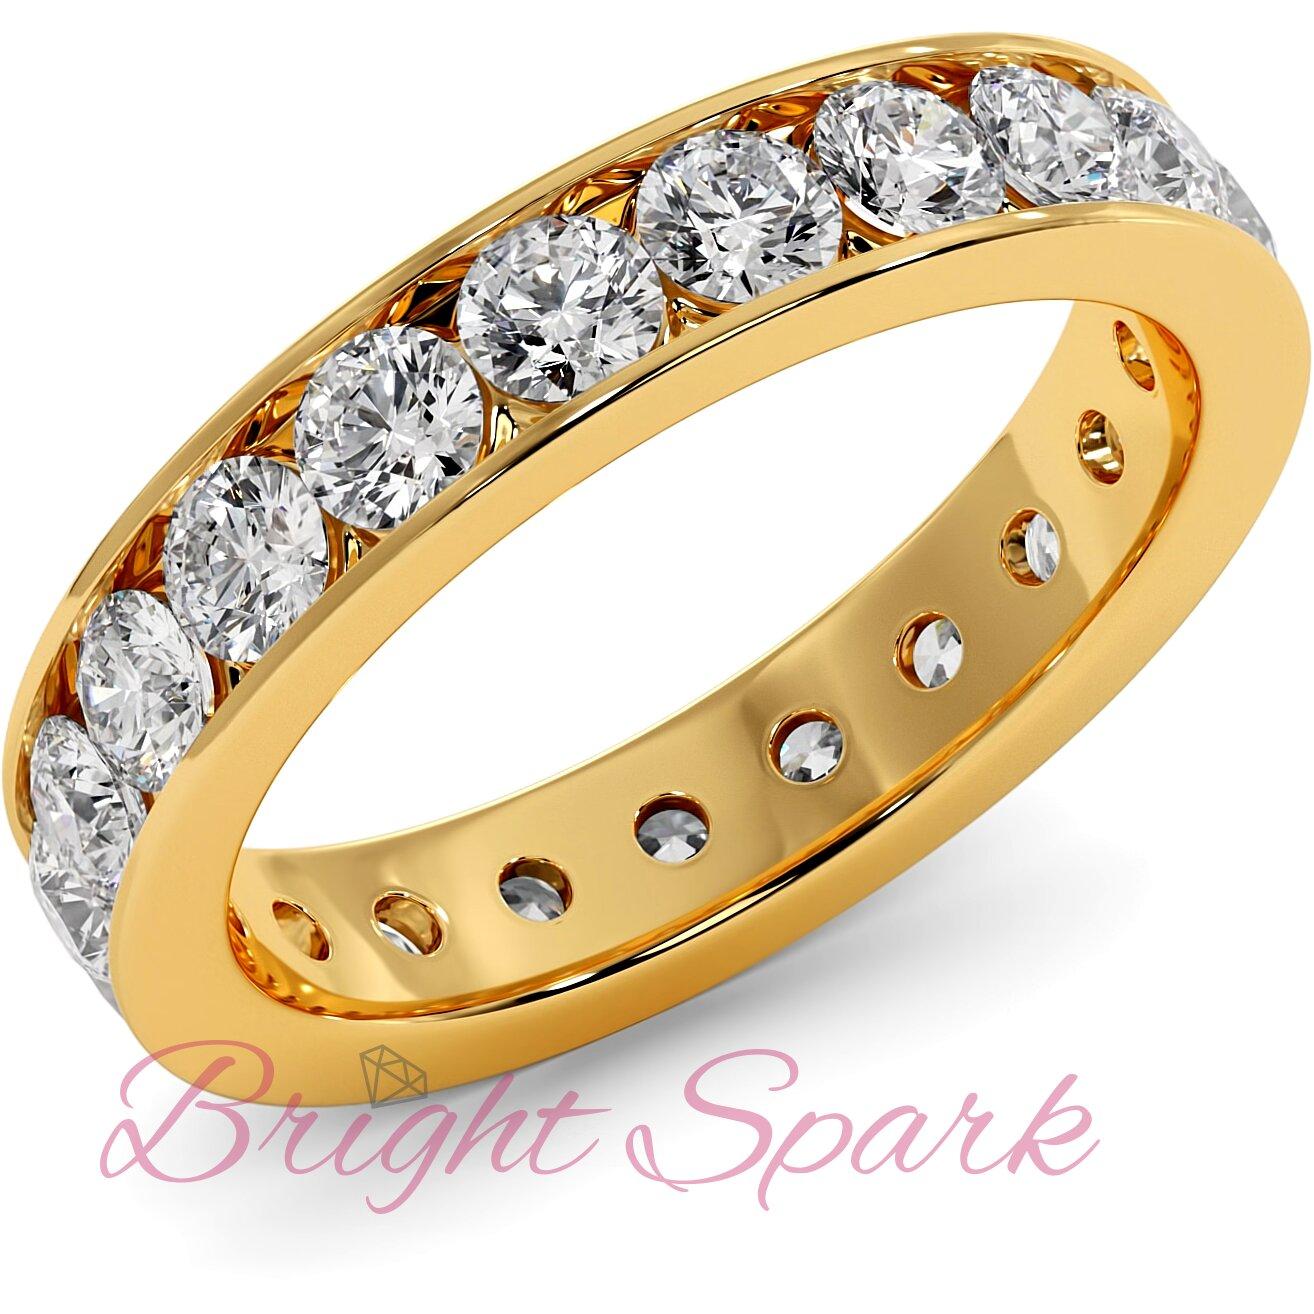 Обручальное кольцо желтого золота с дорожкой по кругу 3 мм Eternity  1,9 карата